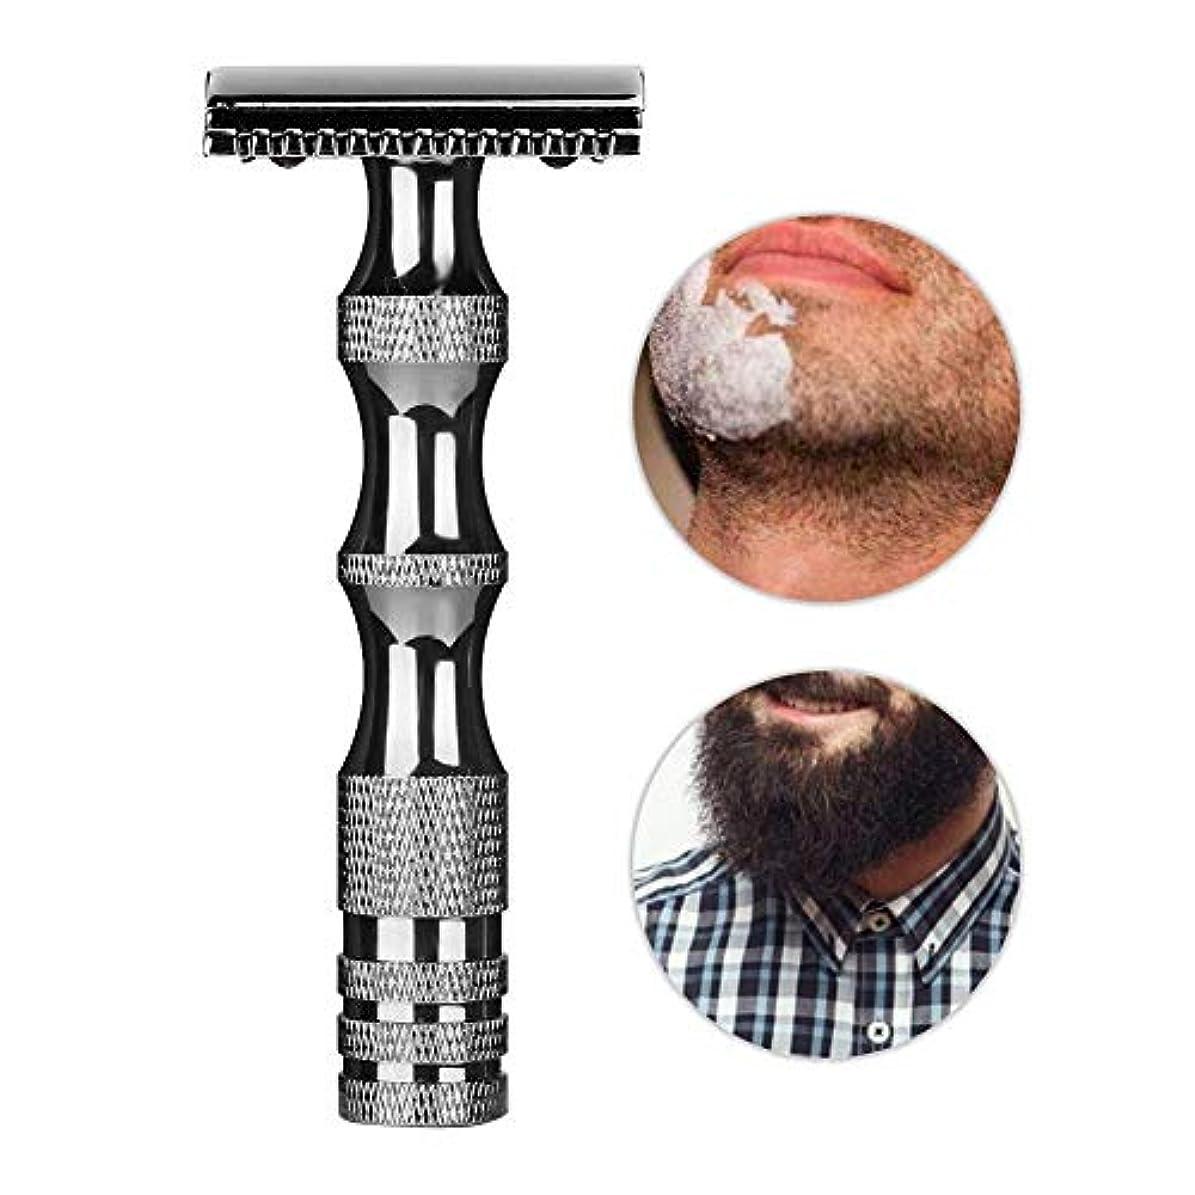 ジャズスクラッチラウズ安全剃刀、クラシックメンズ滑り止めメタルハンドルデュアルエッジシェーバーヴィンテージスタイルメンズ安全剃刀、スムーズで快適な髭剃り(Dark Silver)